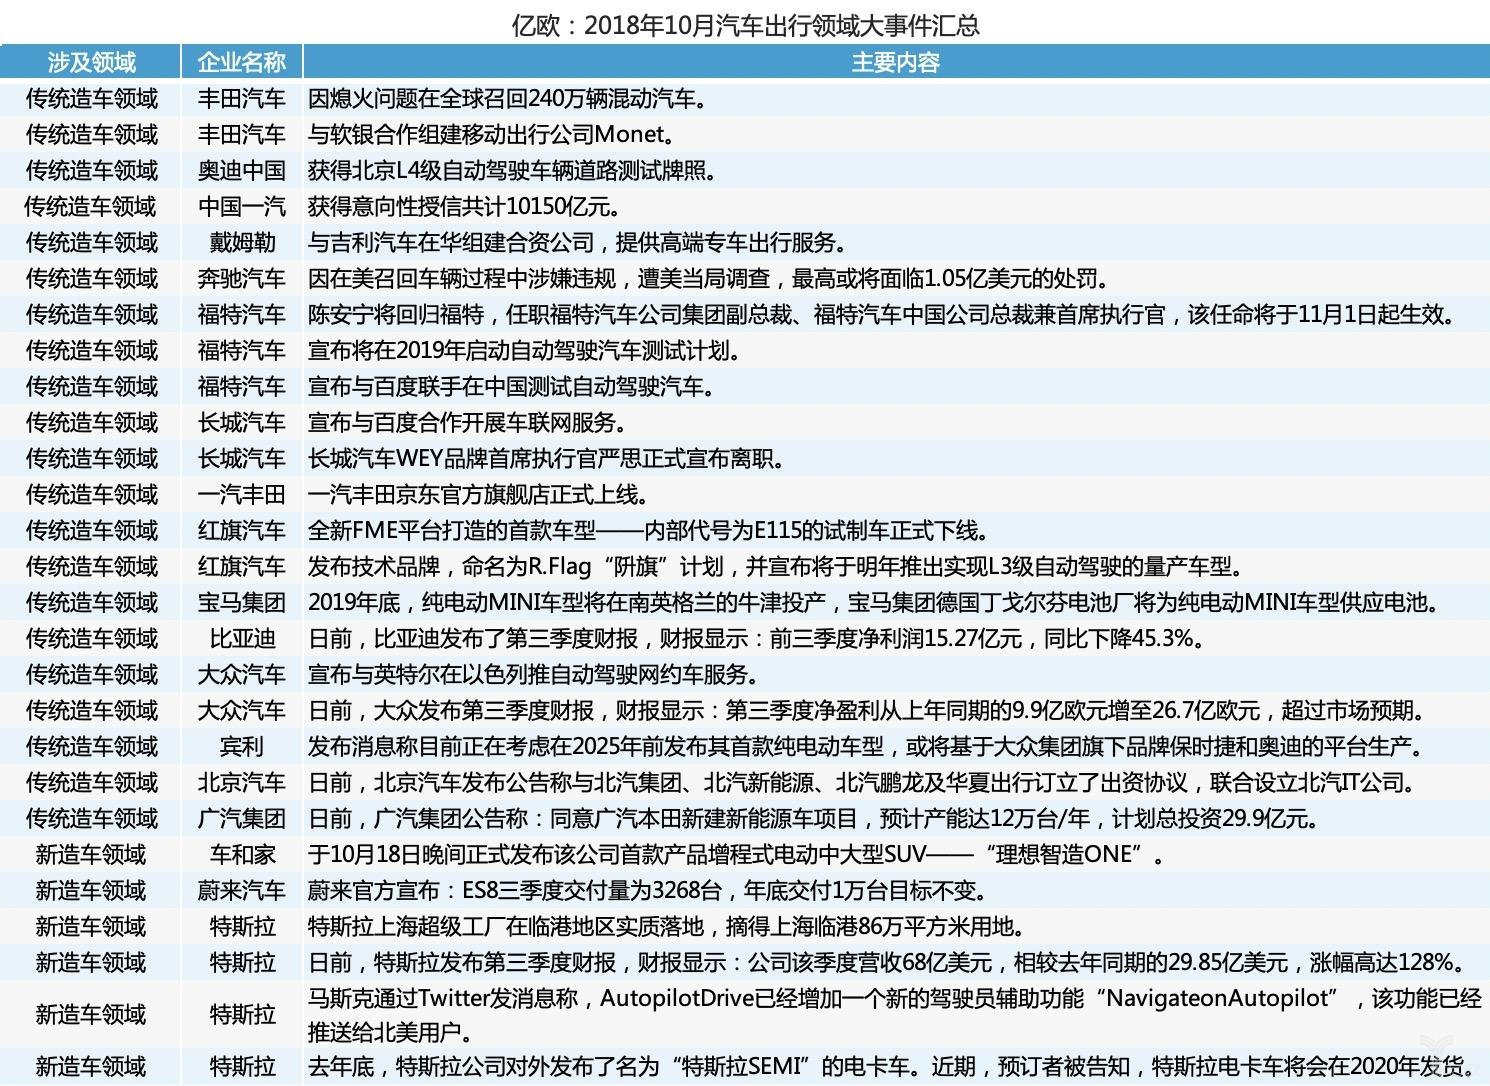 10月汽车出行领域大事件汇总:中国一汽获1万亿元授信FF几近破产_